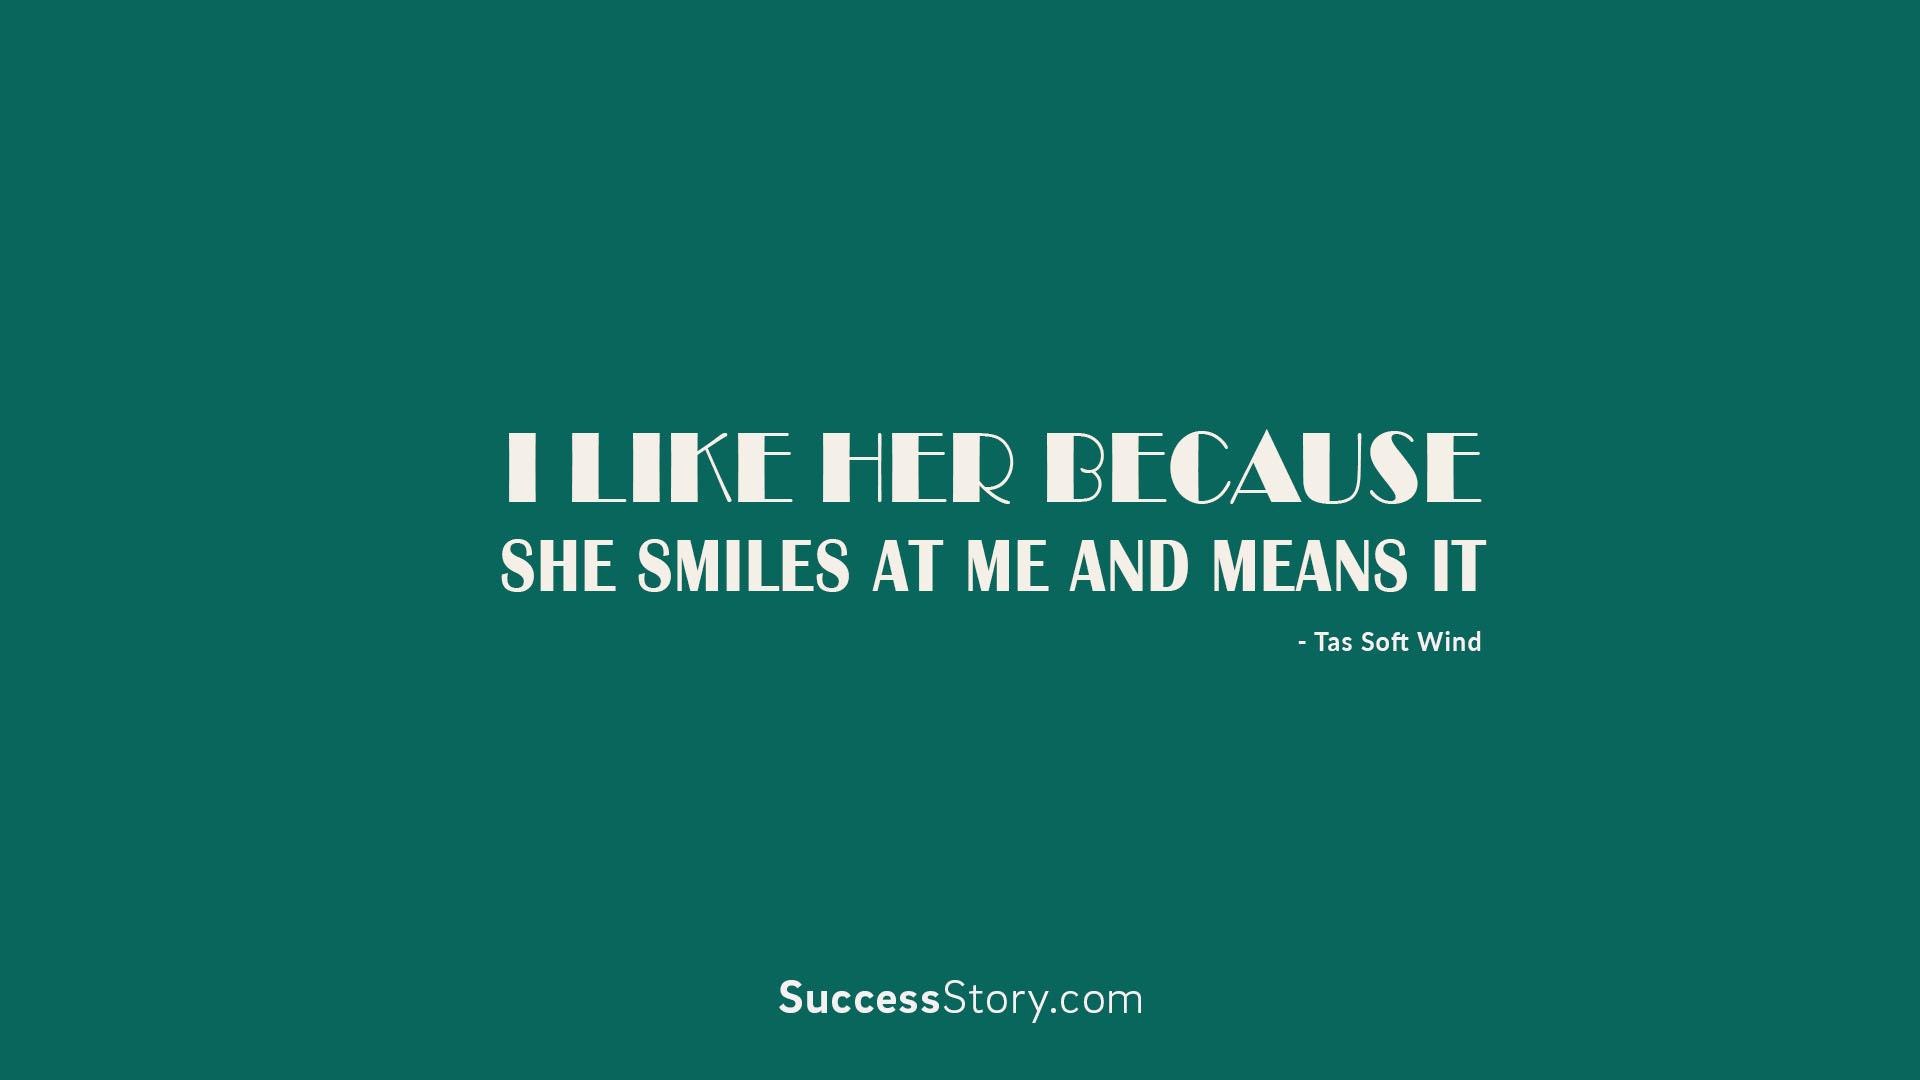 i like her